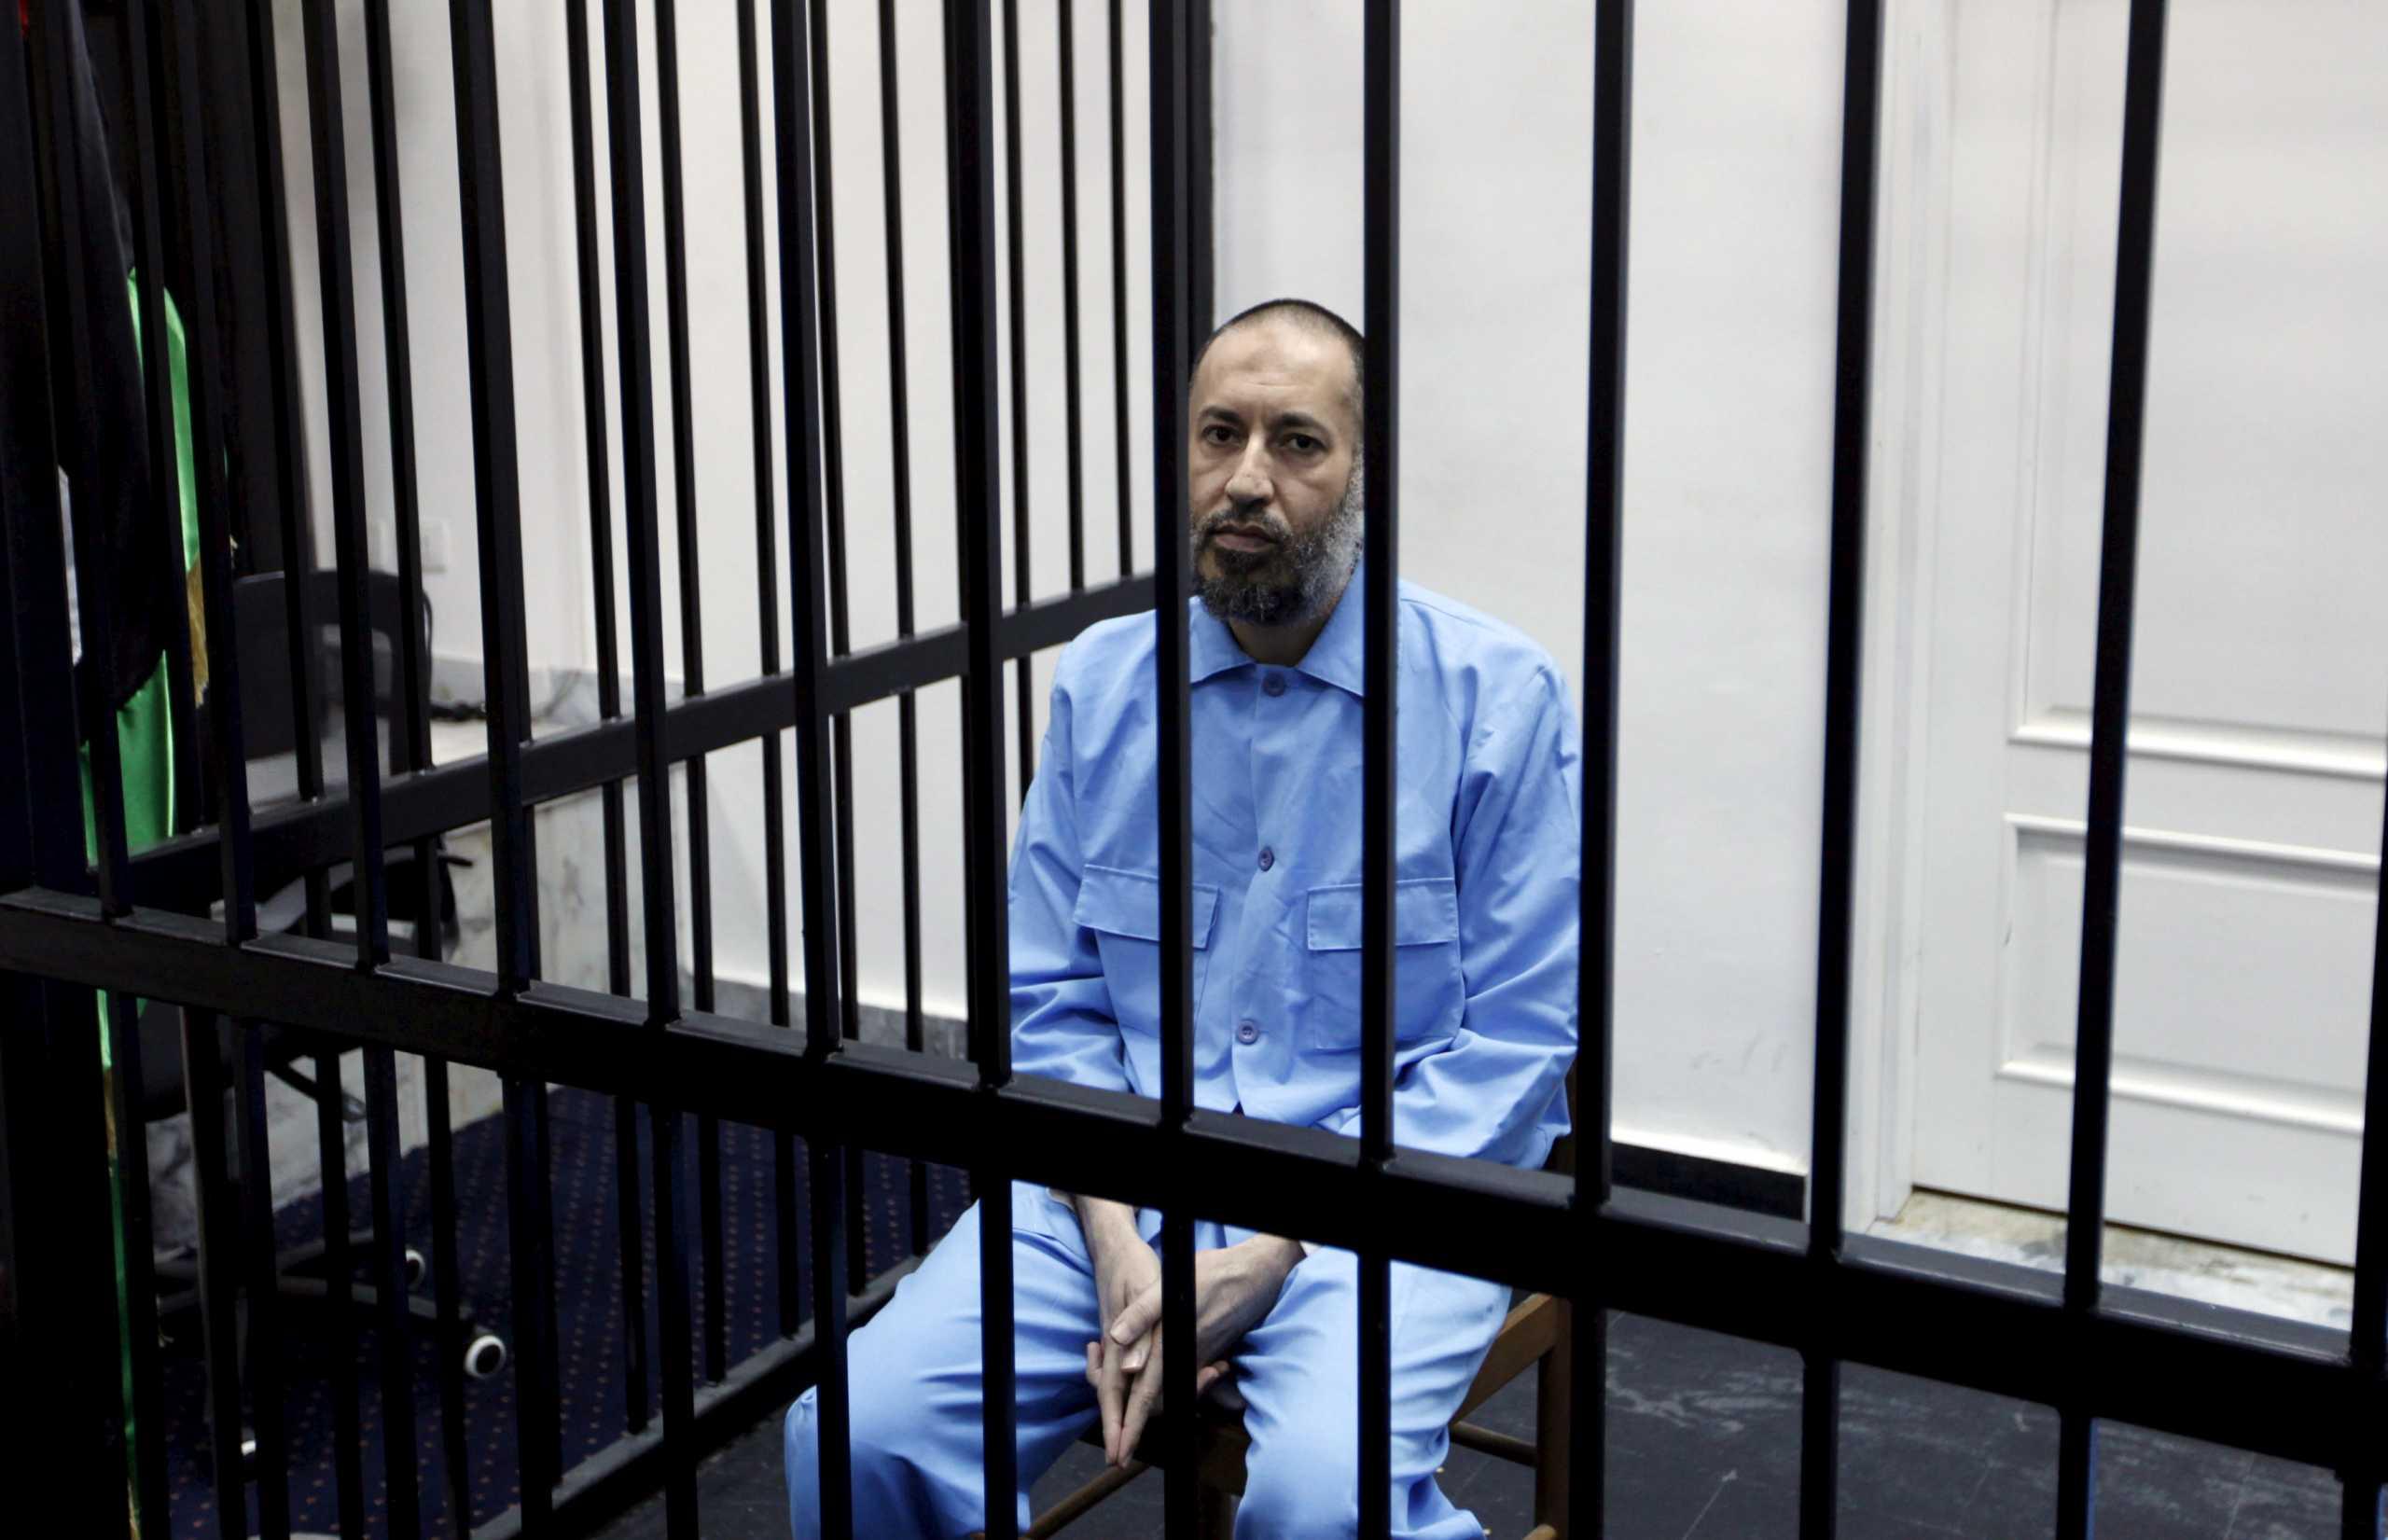 Αποφυλακίστηκε ο γιος του Μουαμάρ Καντάφι κι έφυγε για Τουρκία